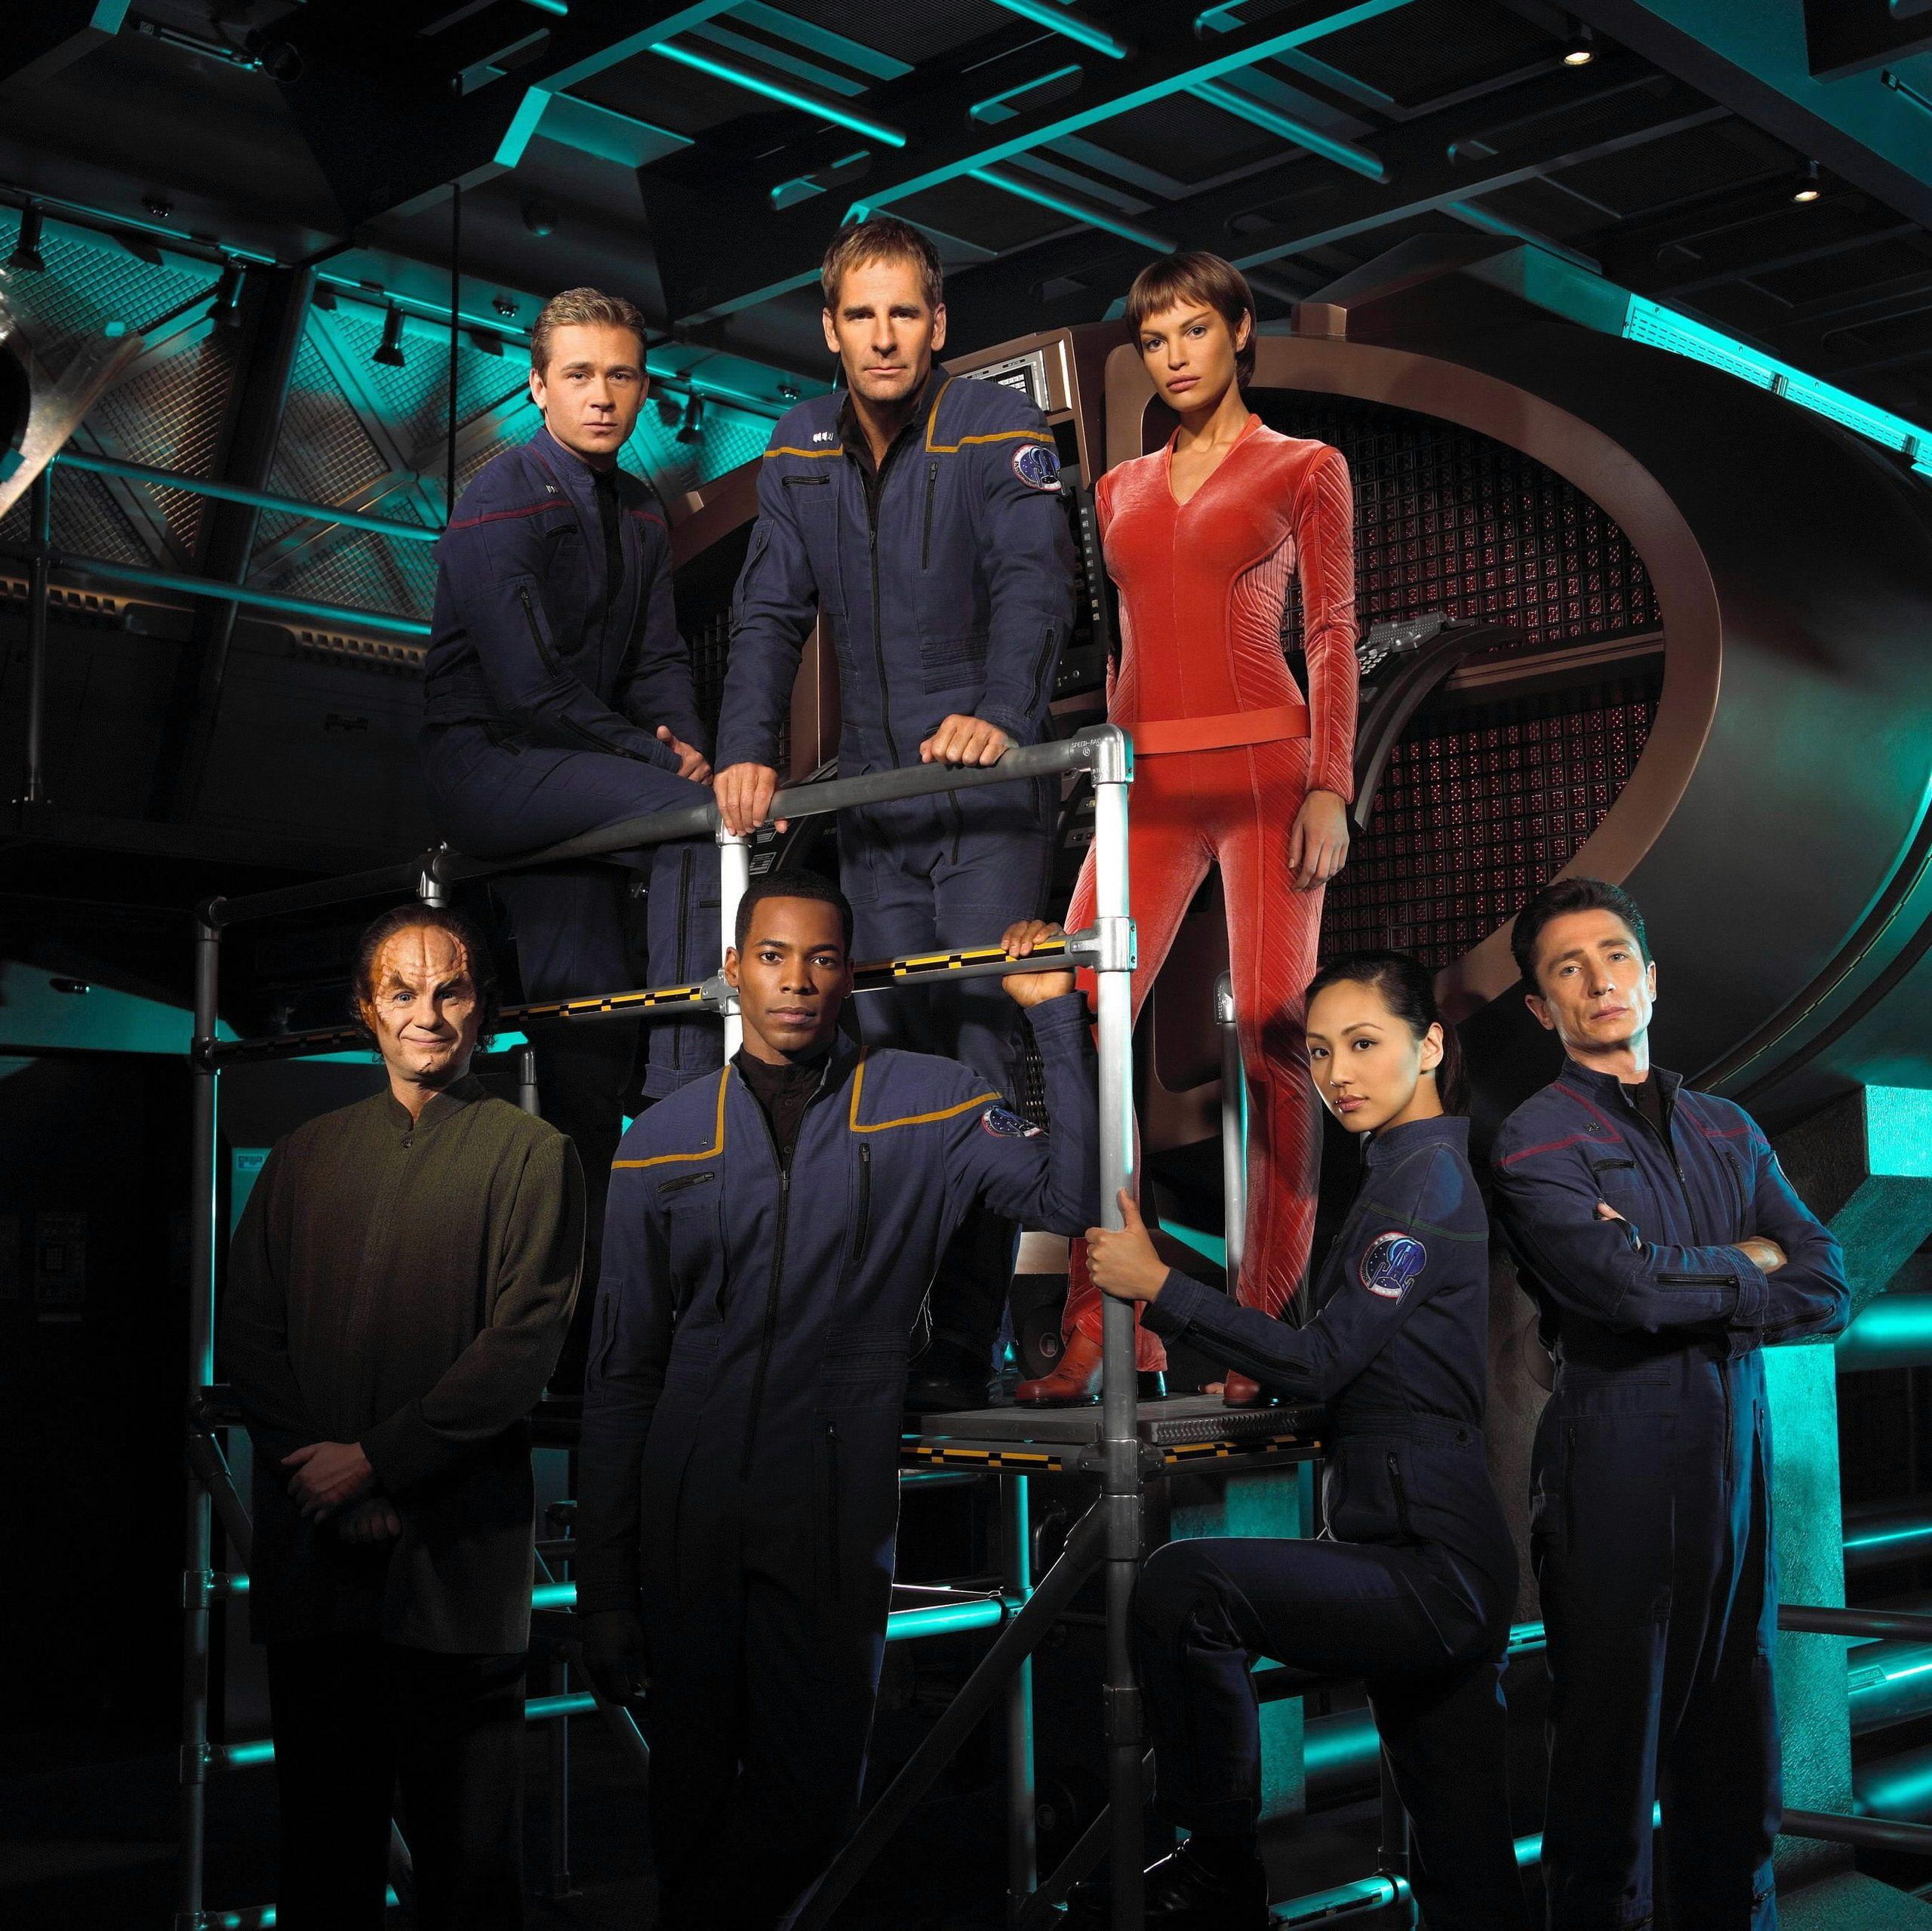 Star Trek Star Trek Enterprise Cast Star Trek Enterprise Photo 7651373 Star Trek Enterprise Star Trek Tv Star Trek Voyager